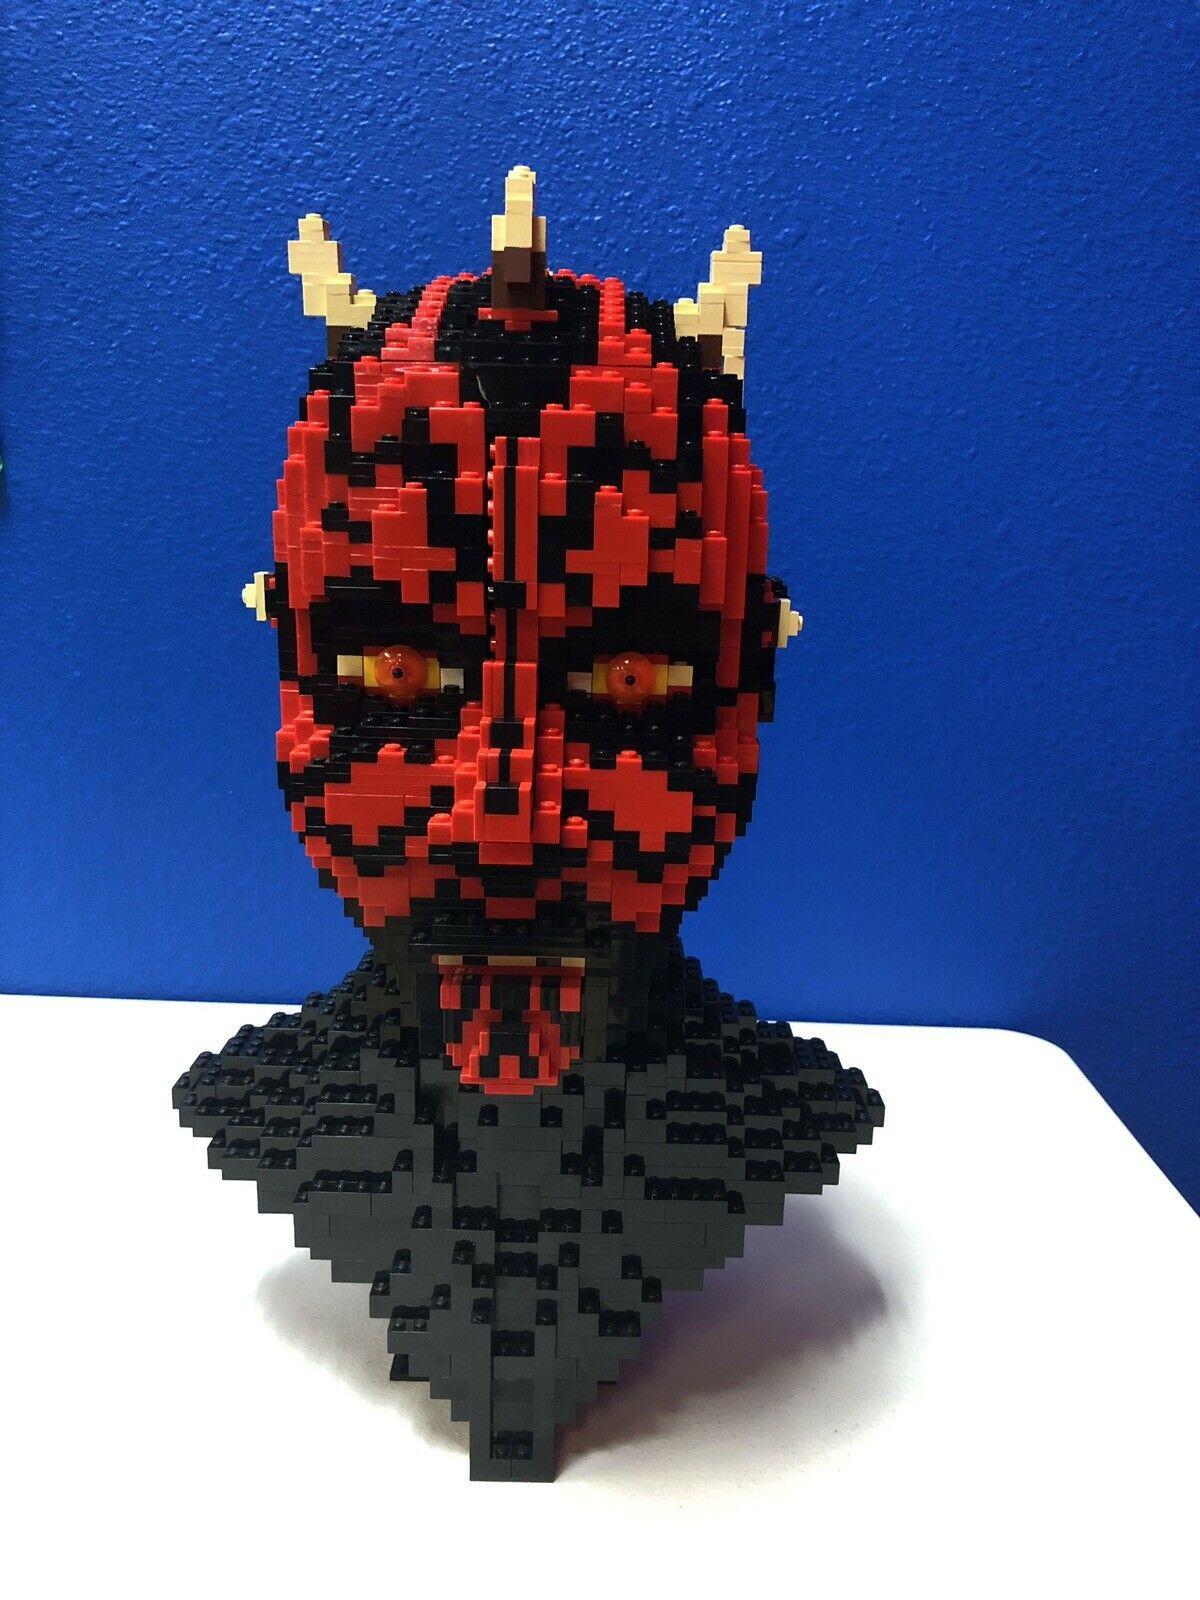 Darth Maul Lego Bust